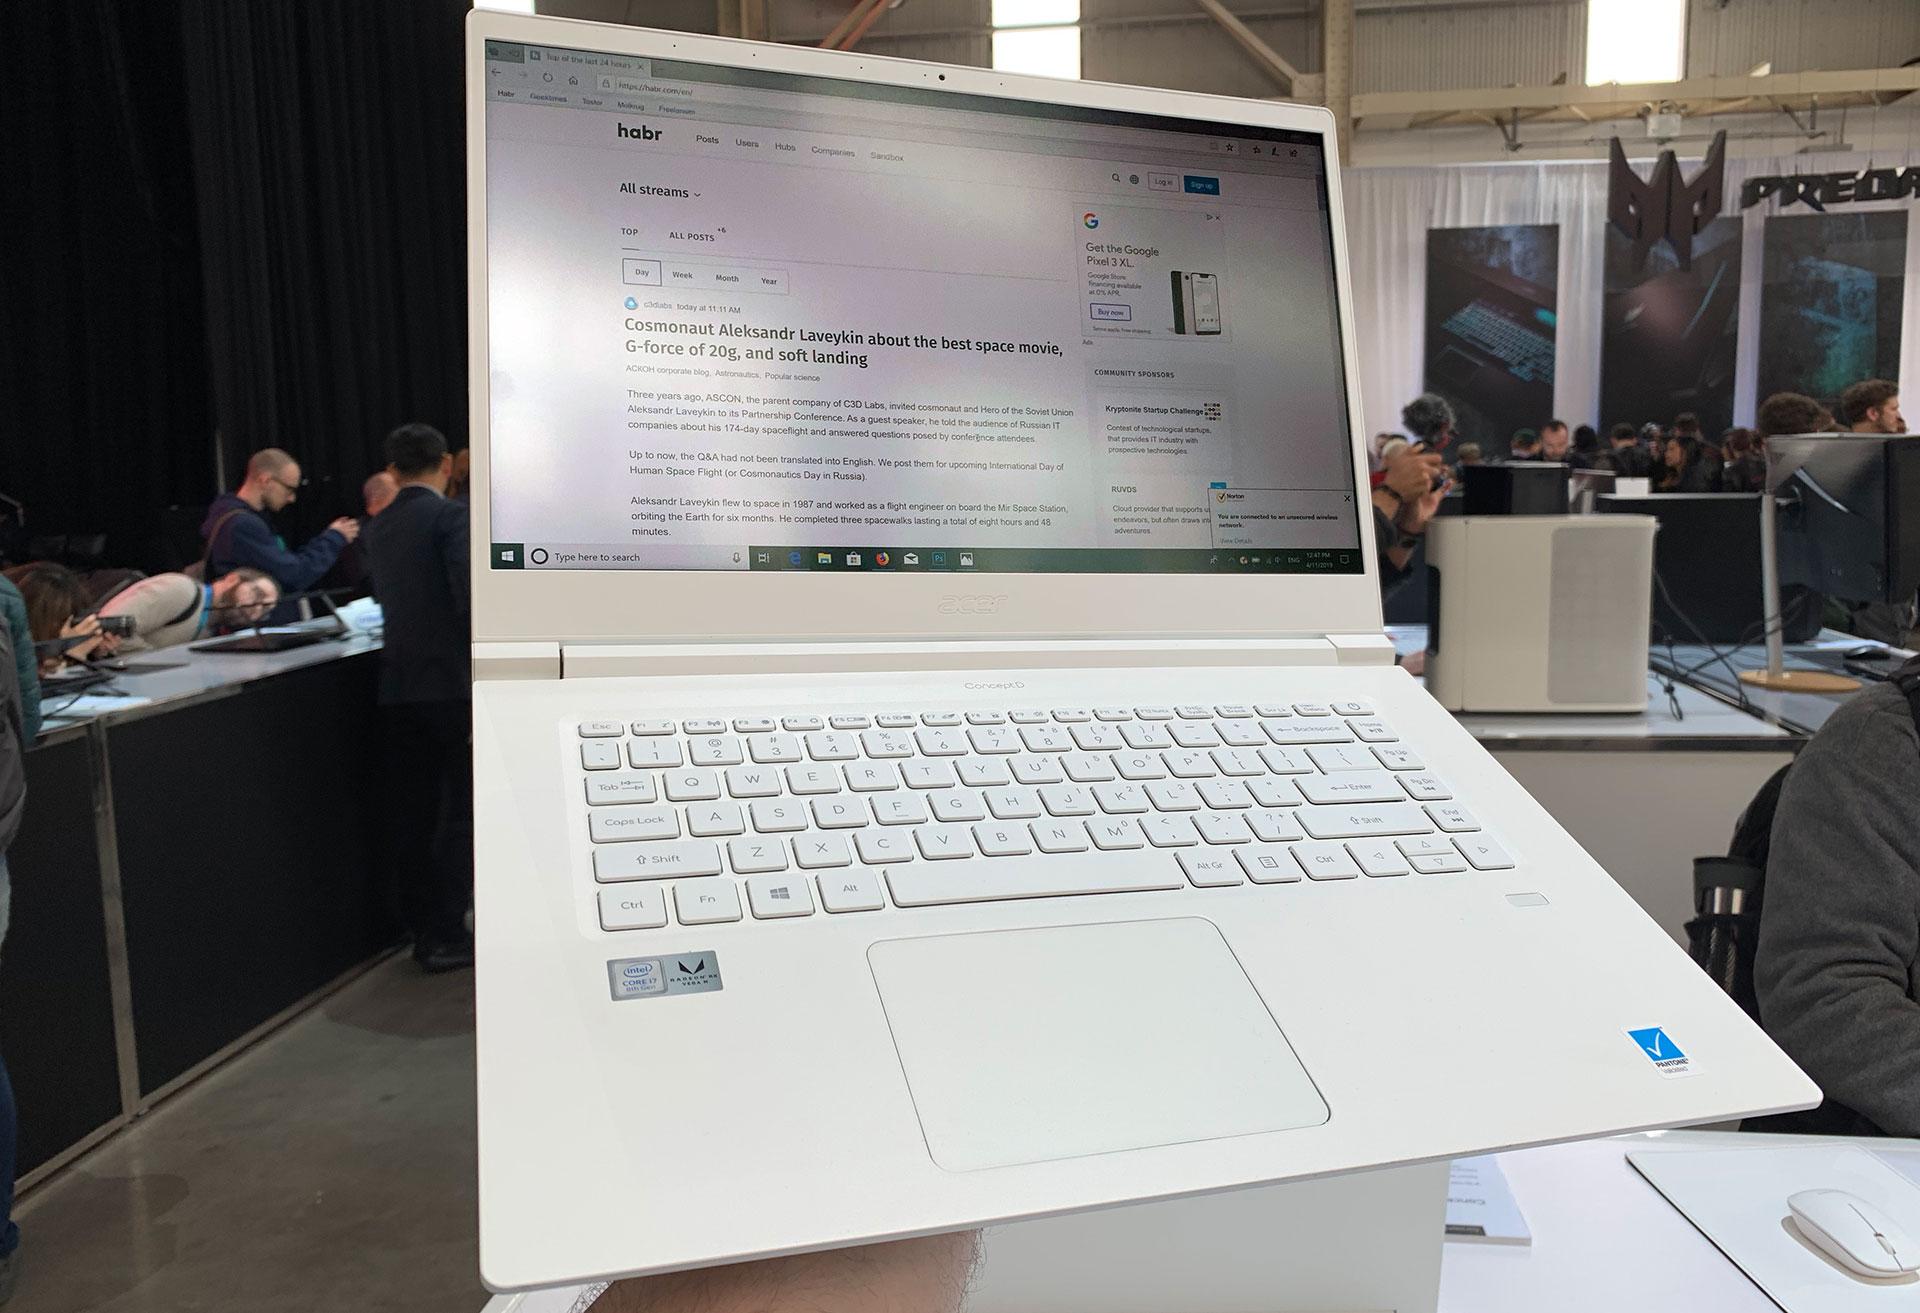 Acer в 2019: что если из игровых ноутов убрать все фентифлюшки